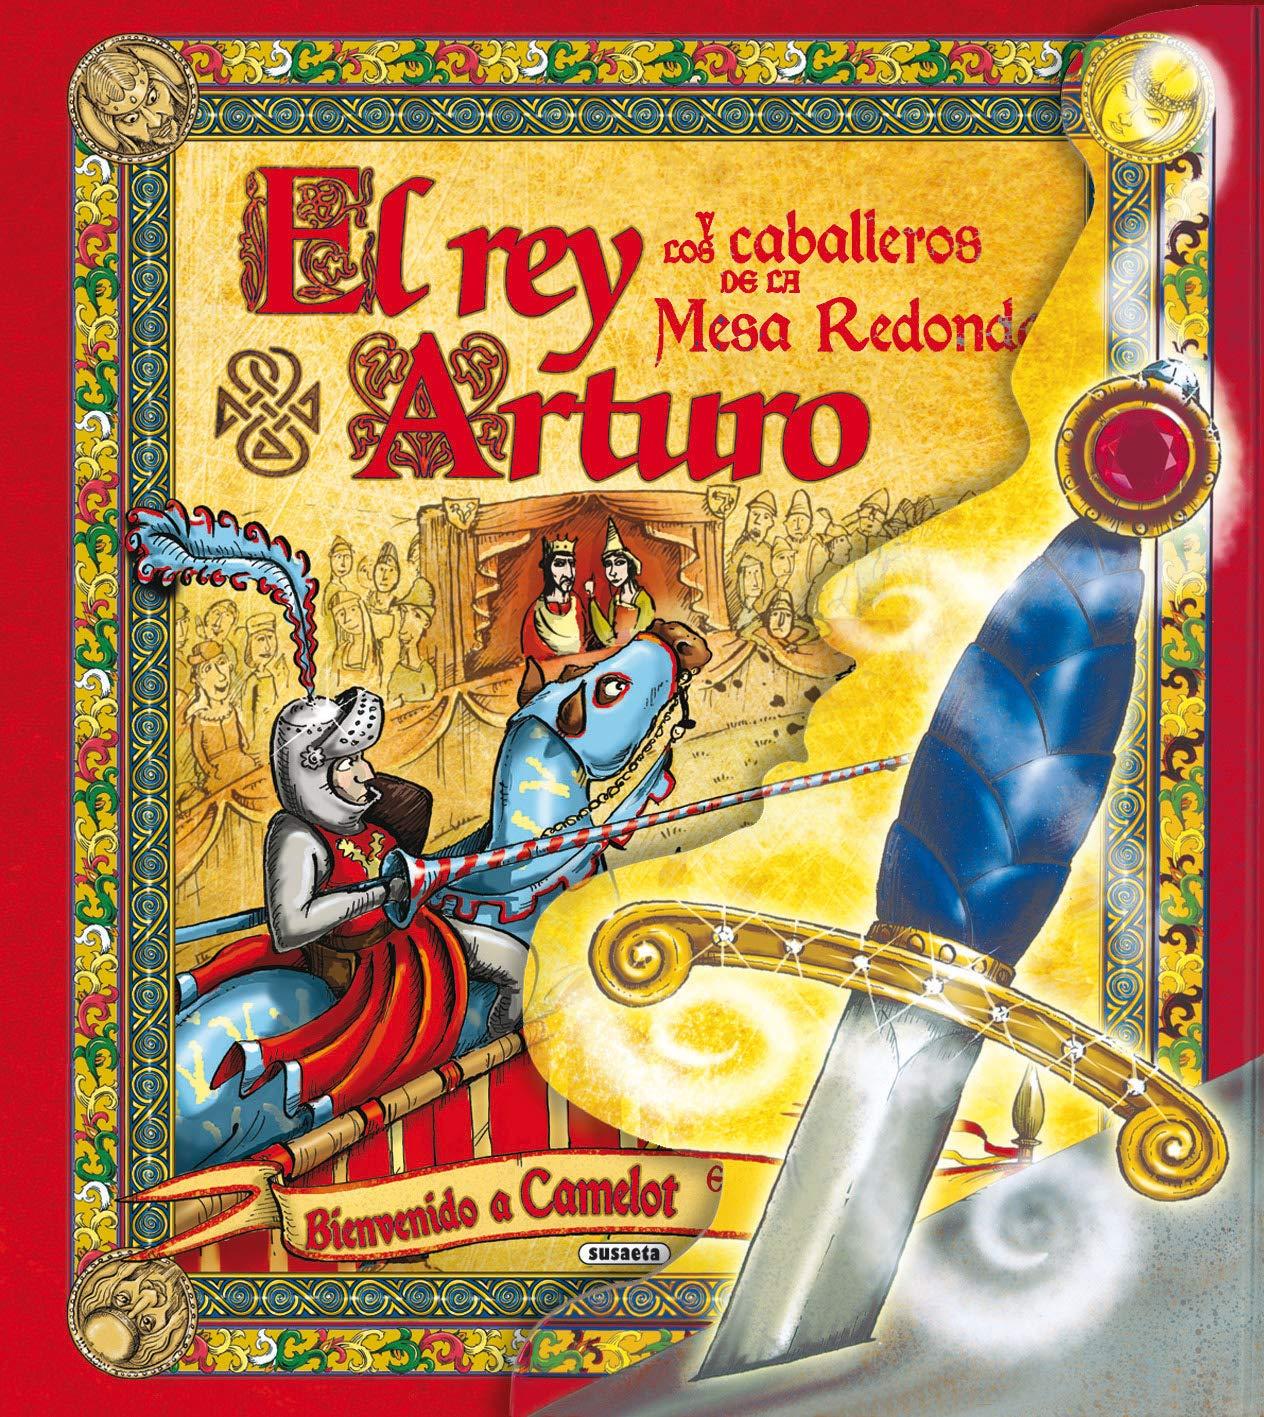 El Rey Arturo Y Los Caballeros De La Mesa Redonda Despliega La Historia Spanish Edition Susaeta Equipo 9788430569915 Books